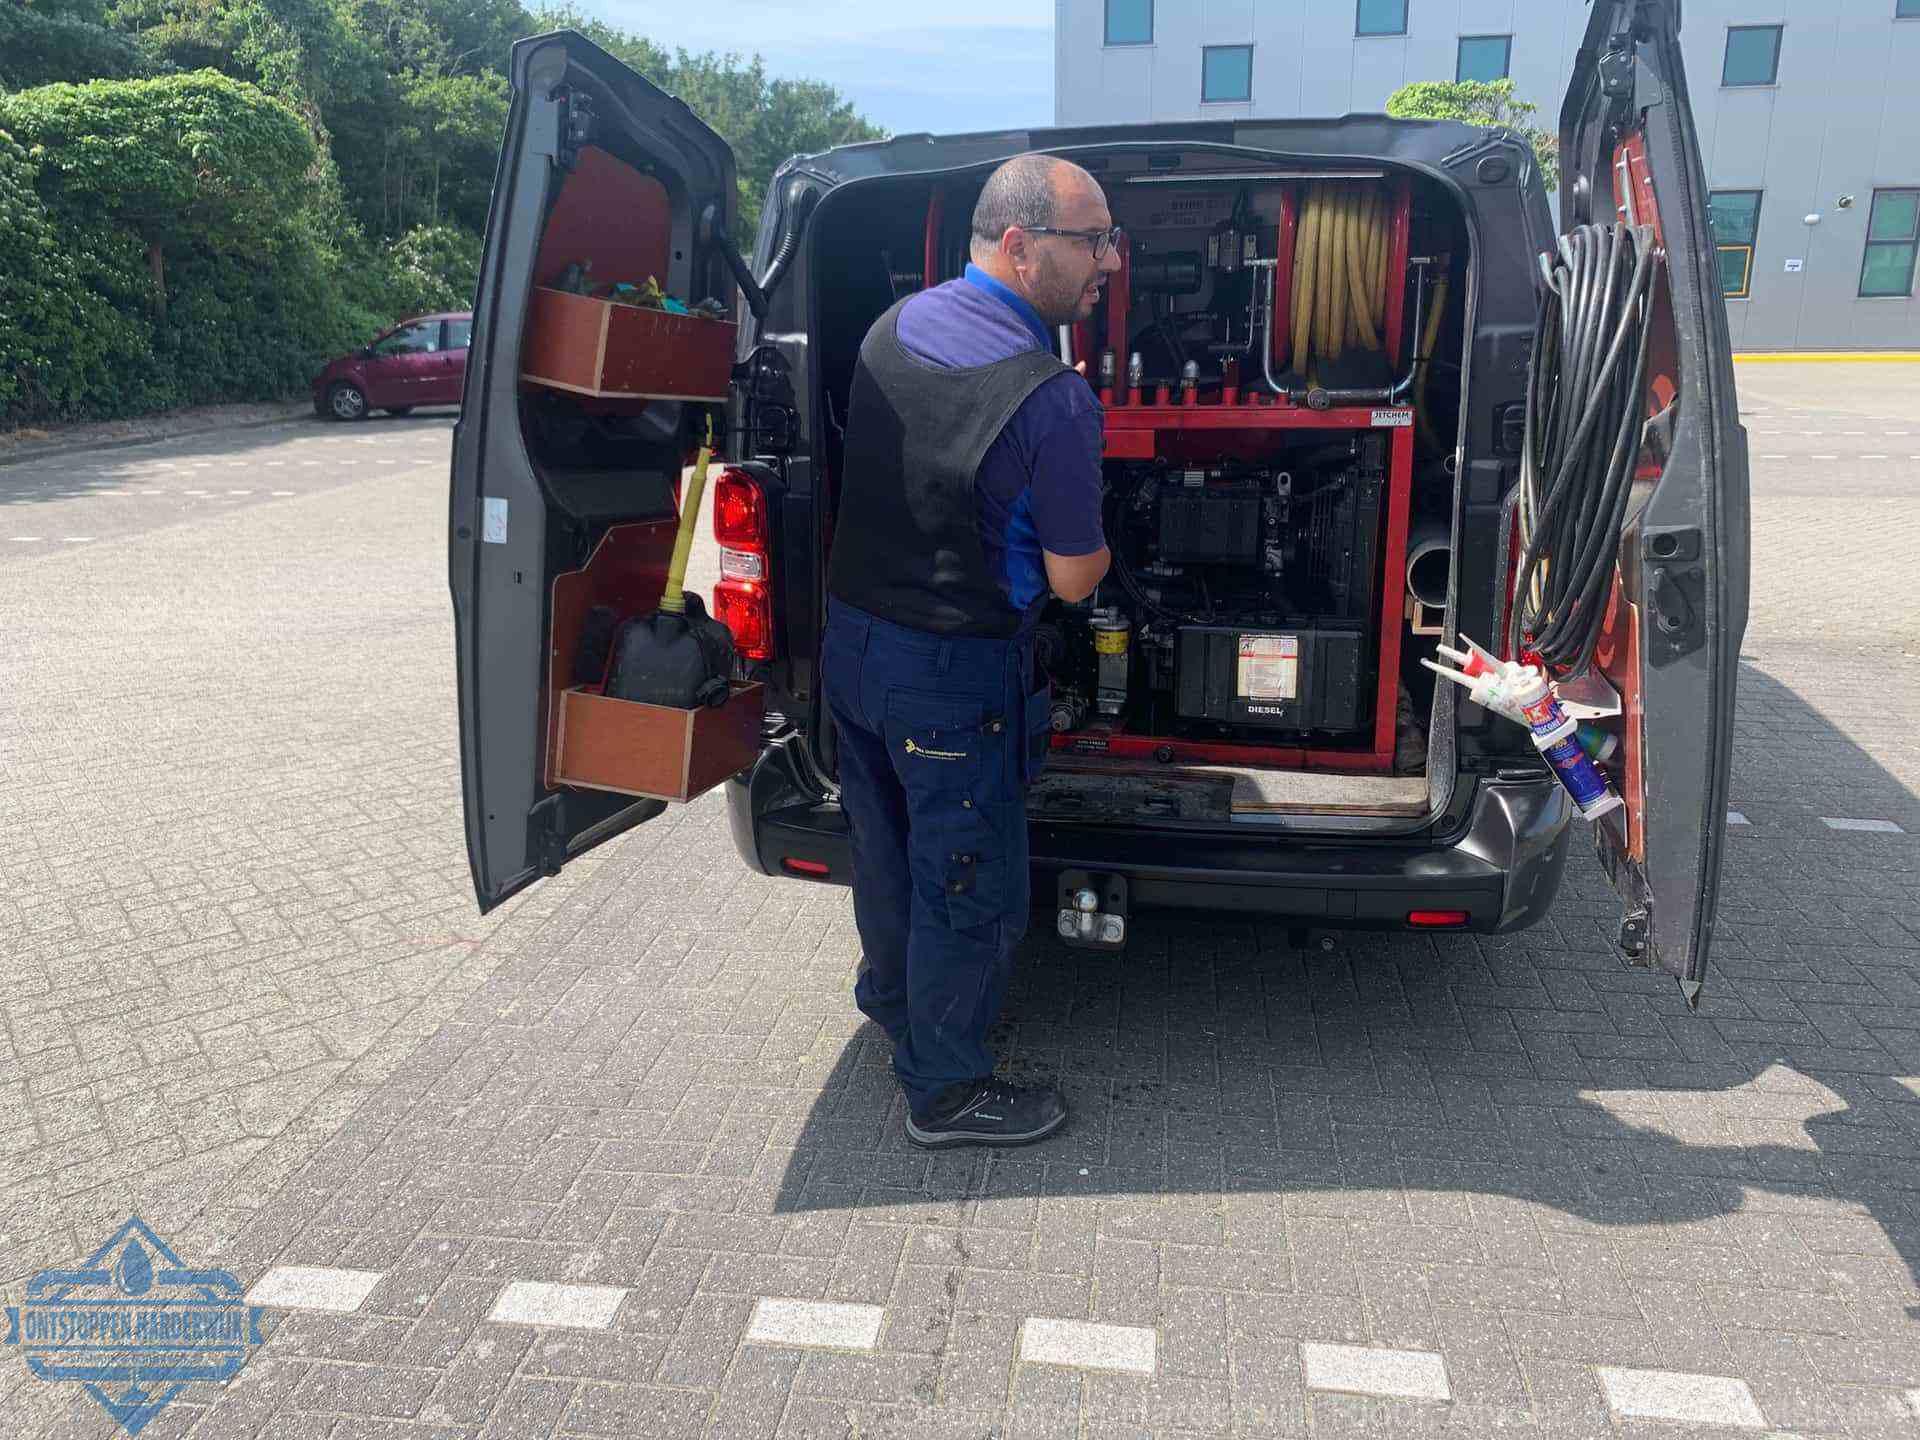 Loodgieter Harderwijk Ontstopping